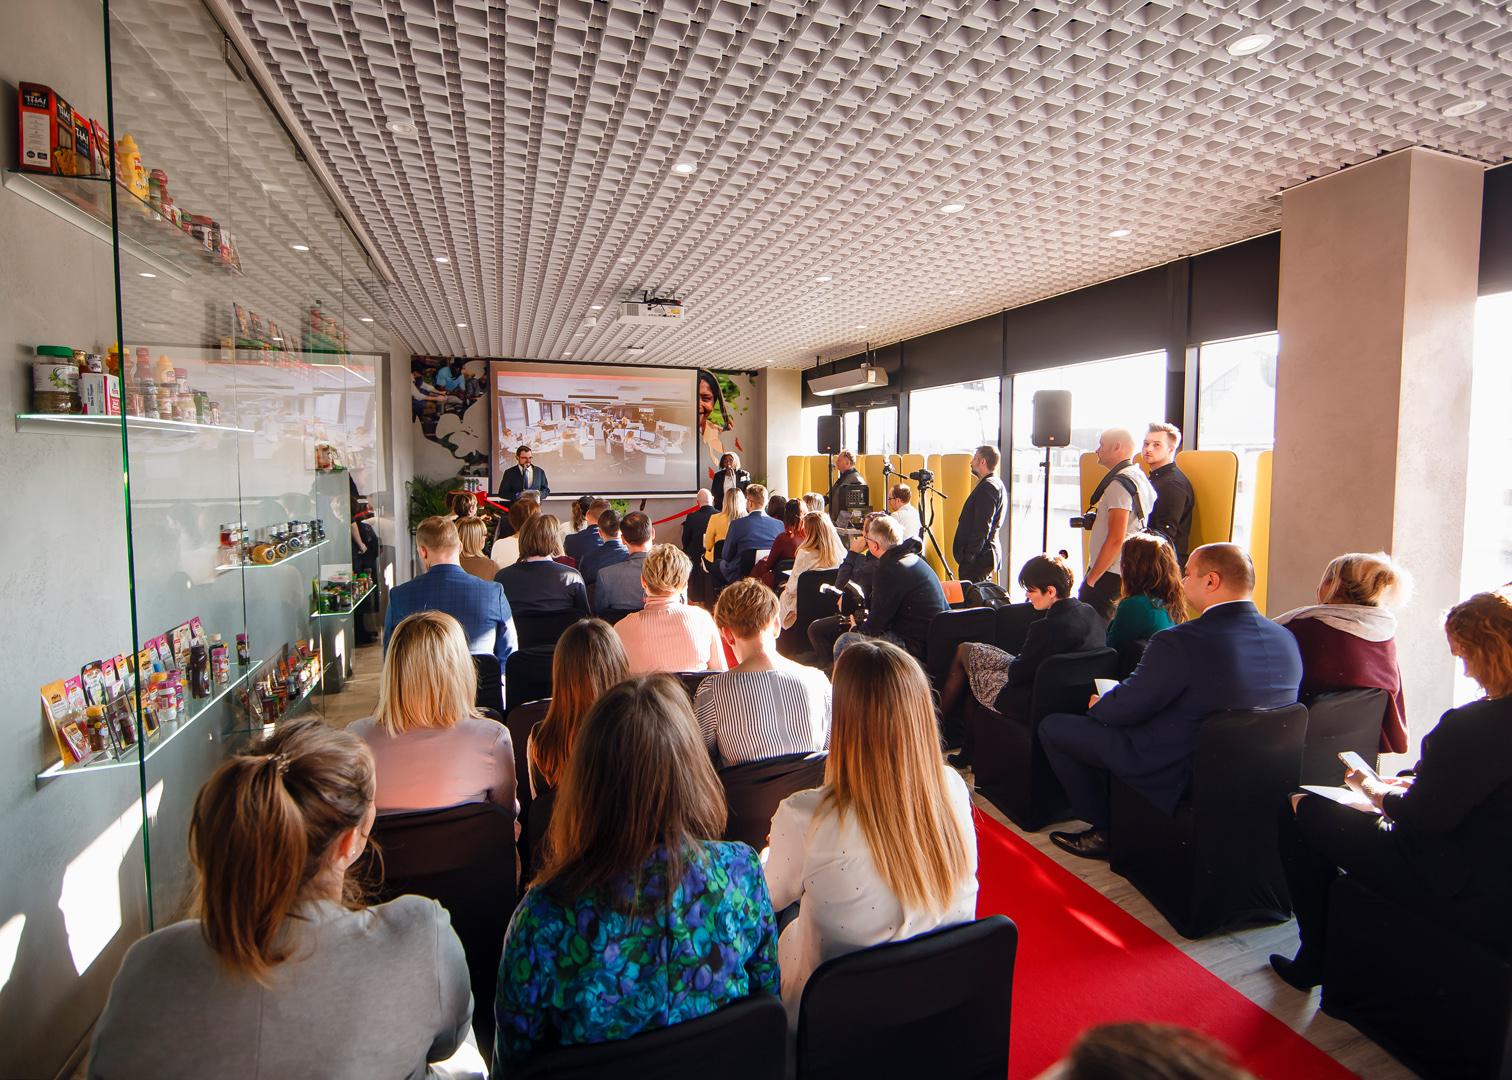 McCormick Shared Services utworzył Centrum Kariery w Łodzi - miejsce, gdzie kandydaci mogą dowiedzieć się więcej na temat pracy w firmie (fot. mat. pras.)